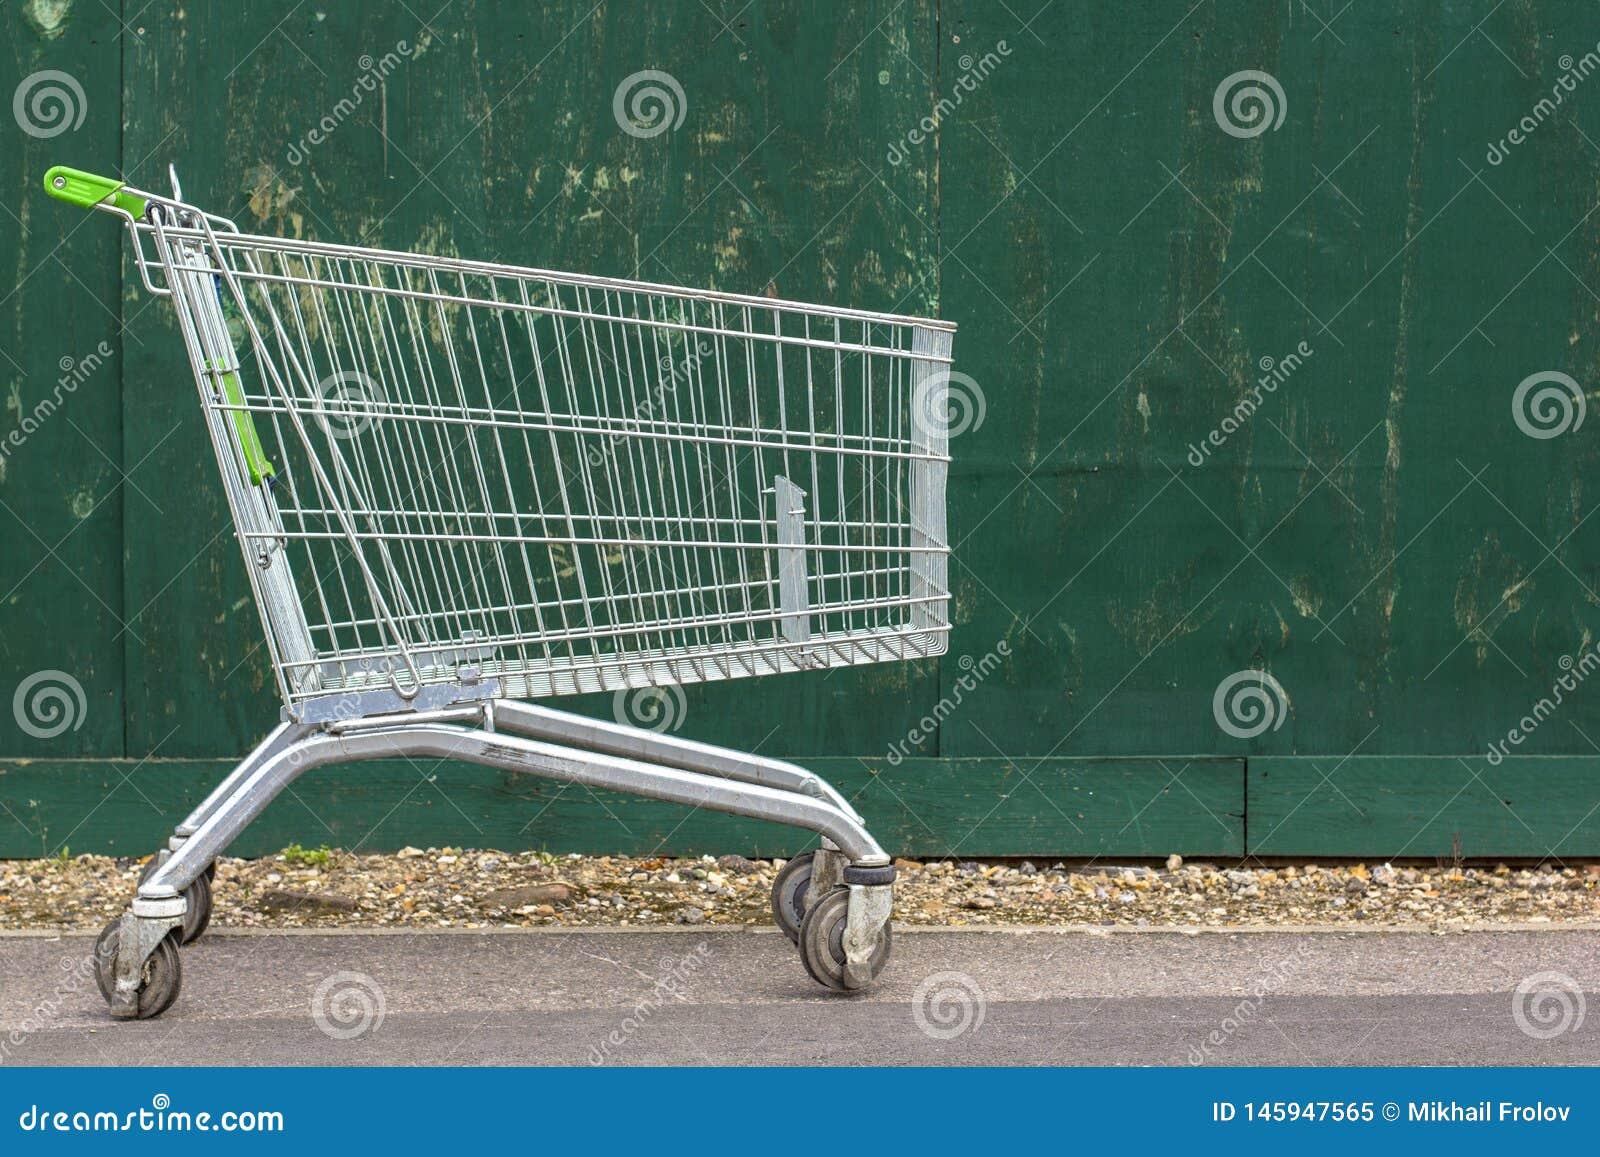 Chariot à supermarché sur le fond d une barrière verte Chariot de supermarché sur le trottoir